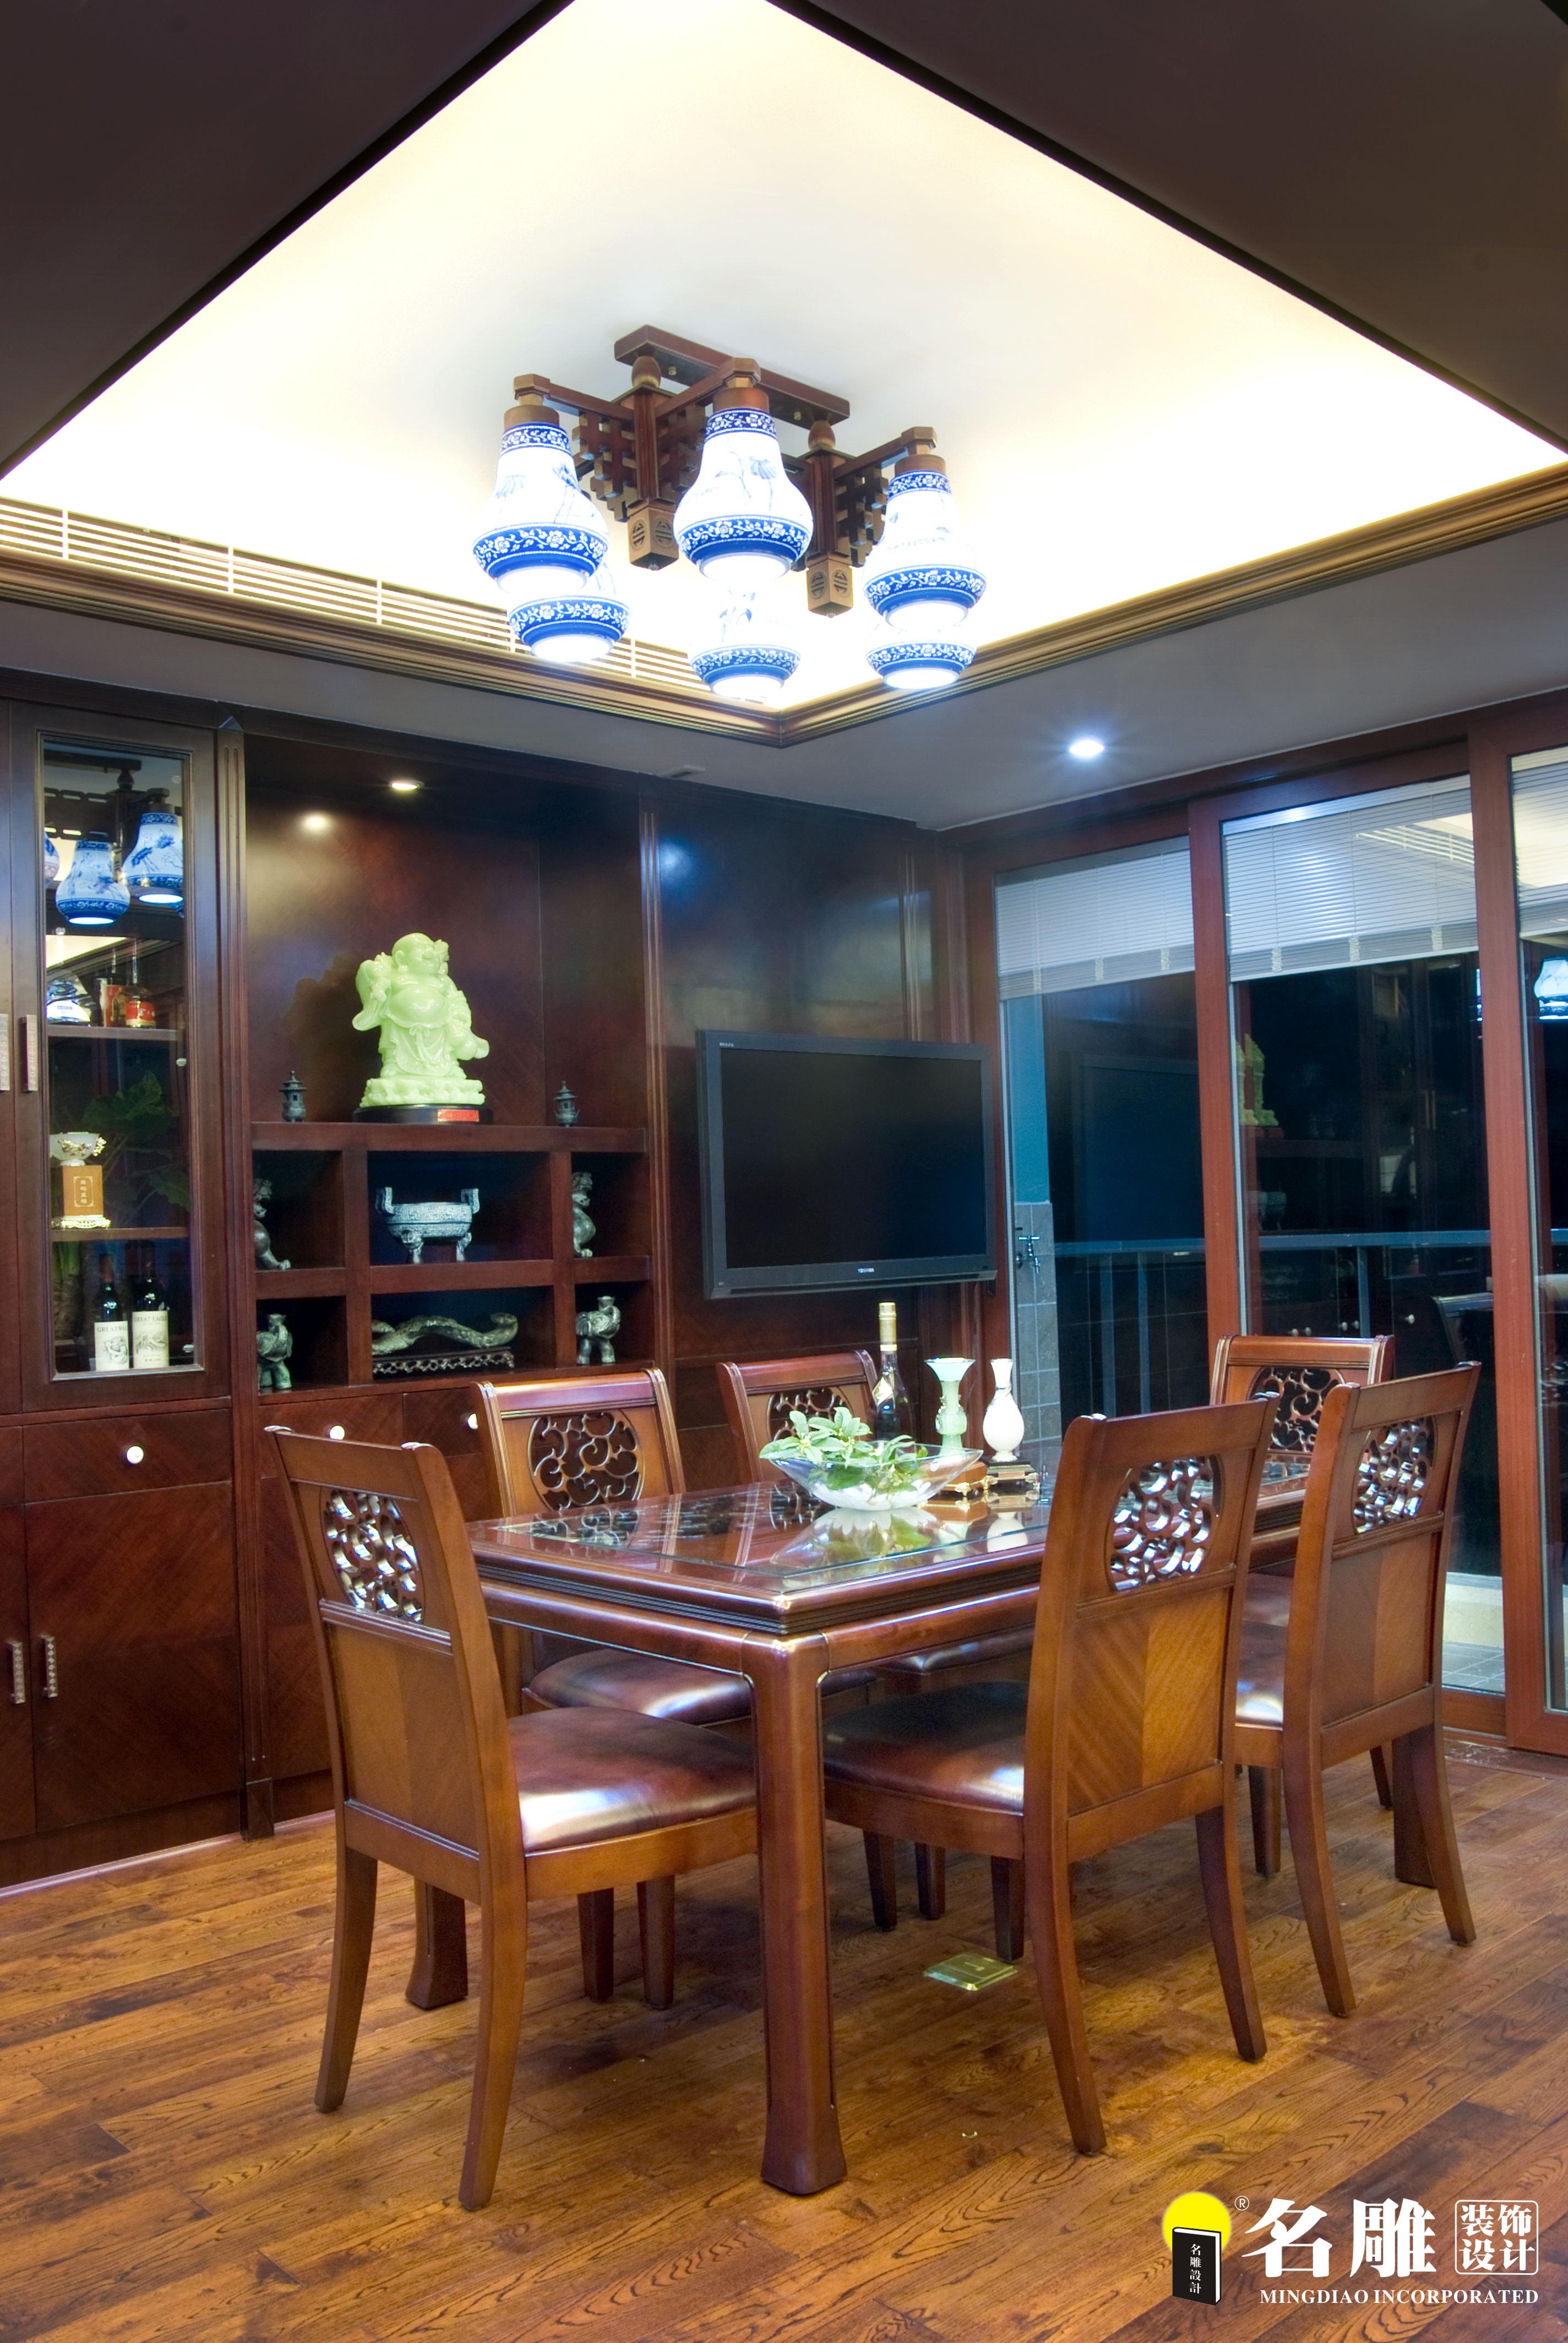 二居 中式 文艺青年 东方韵味 名雕装饰 餐厅图片来自名雕装饰设计在中式风格-135平二居室雅居装修的分享